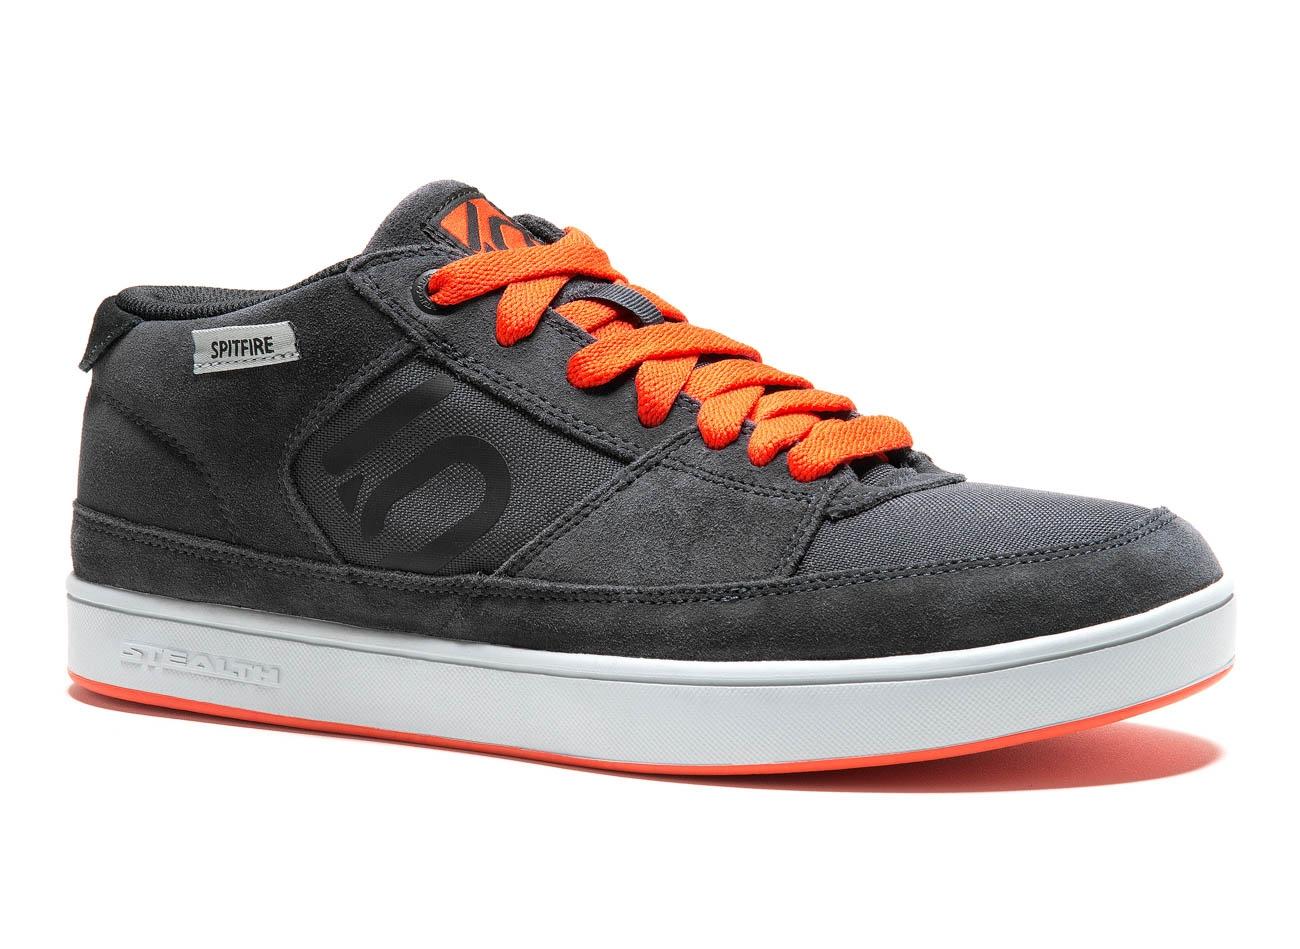 Chaussures Five Ten SPITFIRE Gris/Orange - UK-9.0 (43.0)